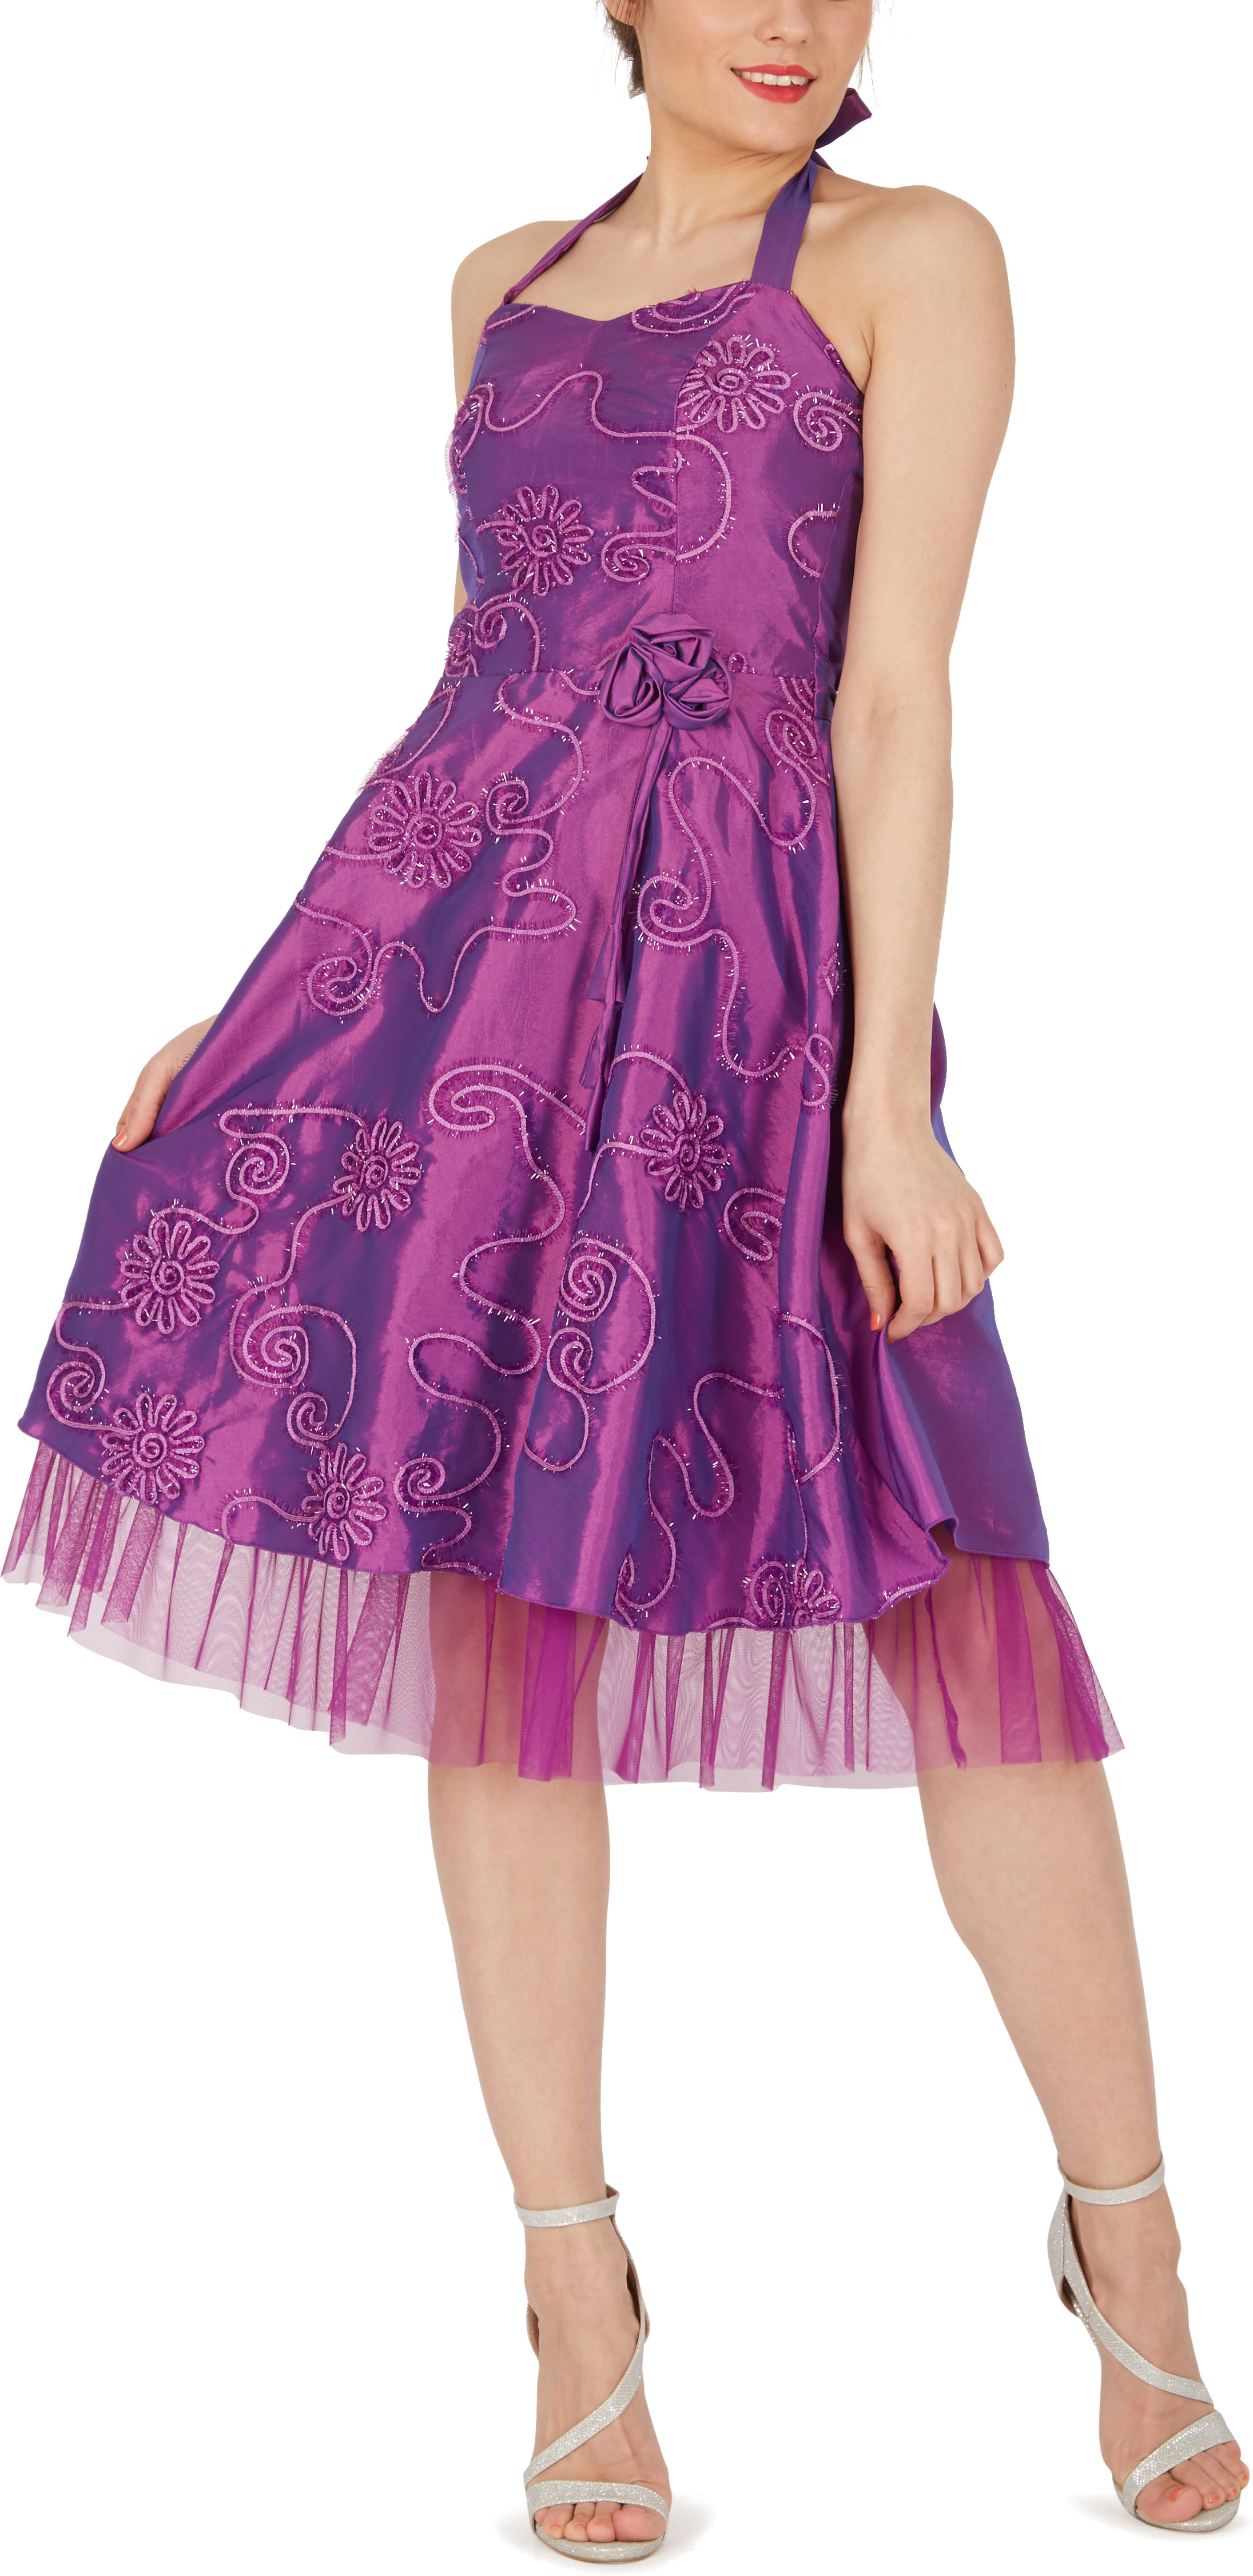 Rita\' Floral Cherish Bridesmaid 50s 60s Rockabilly Vintage Swing ...